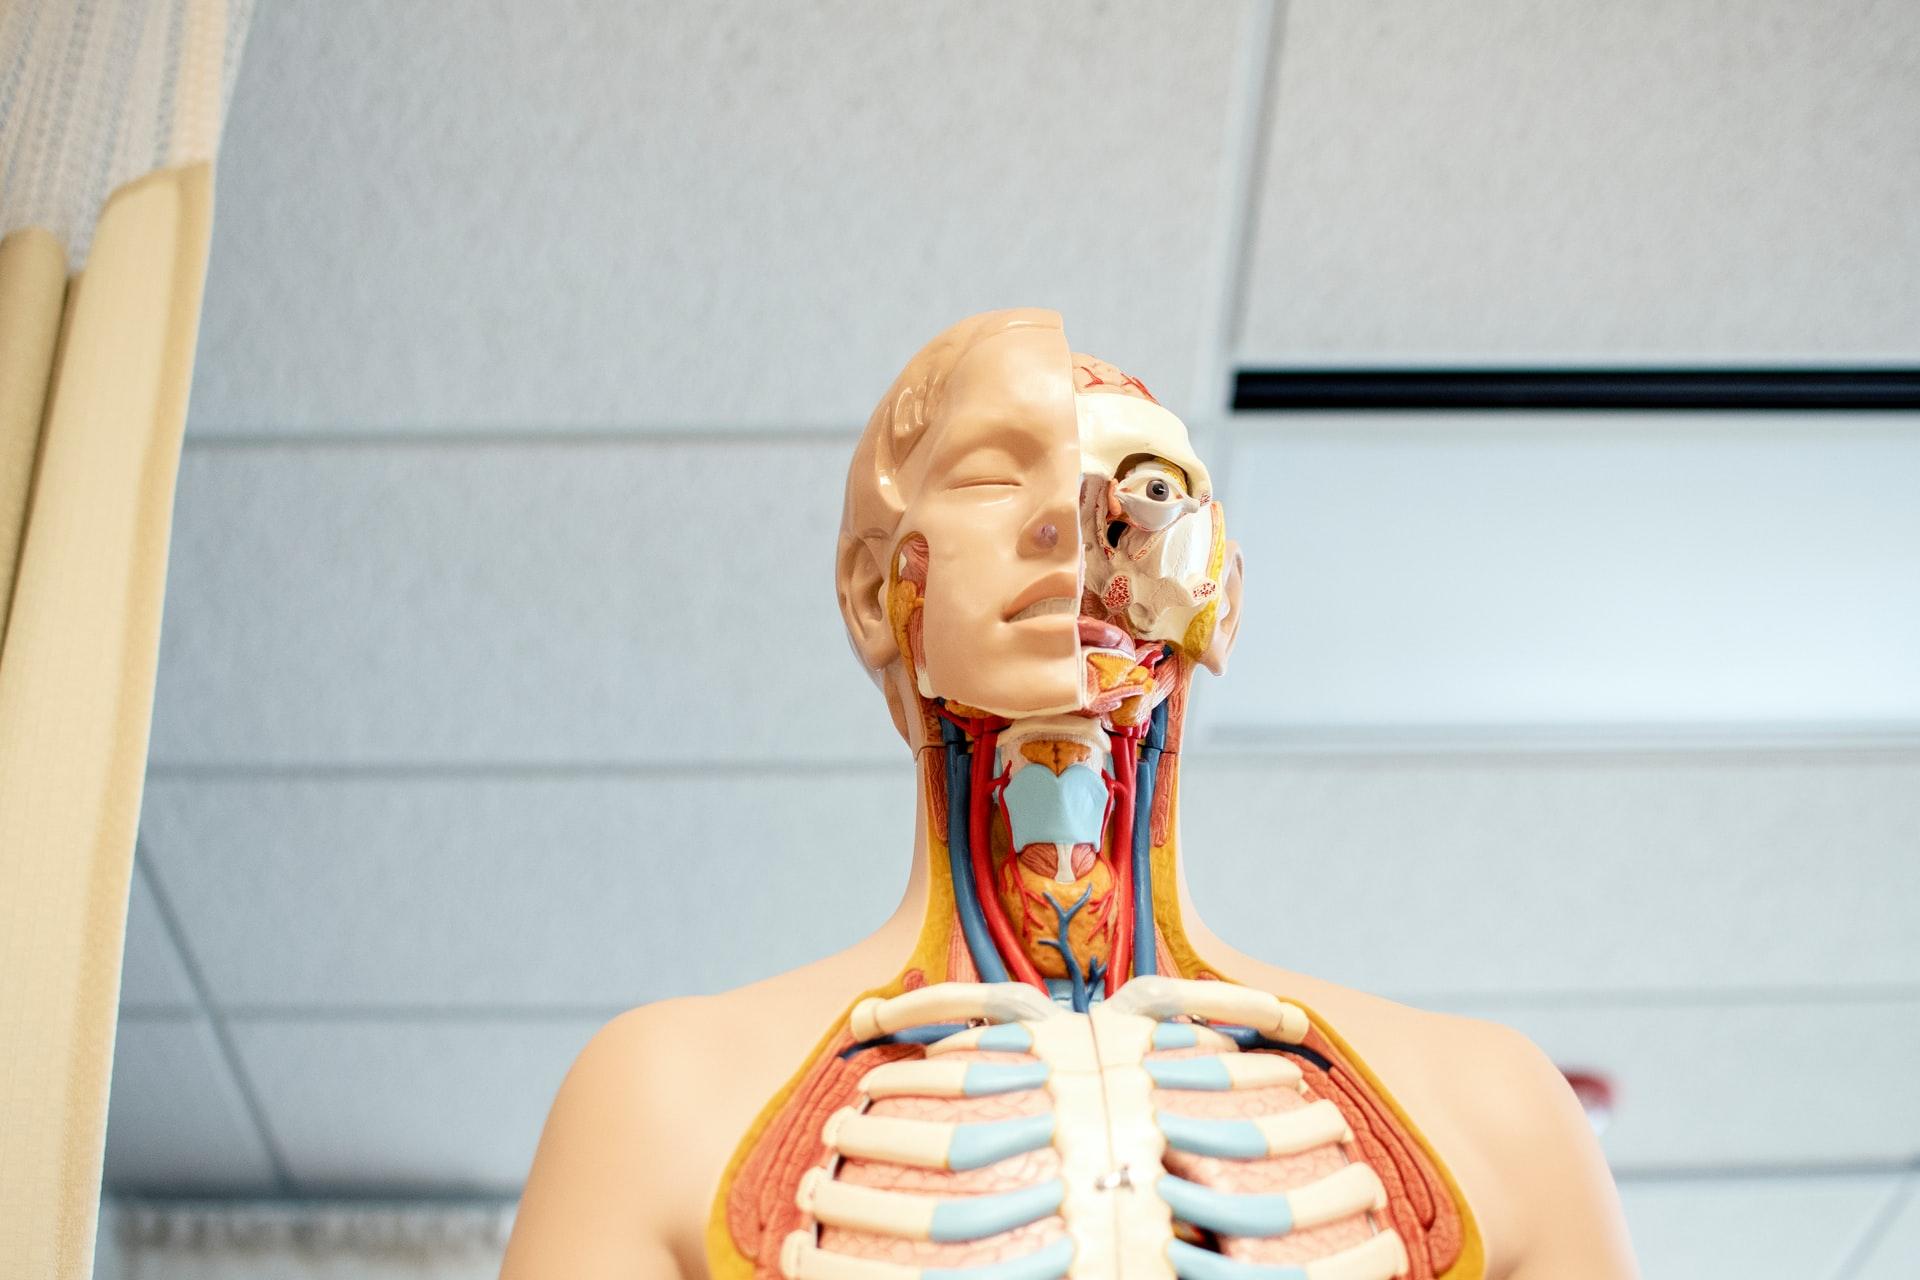 anatomiczny model budowy człowieka